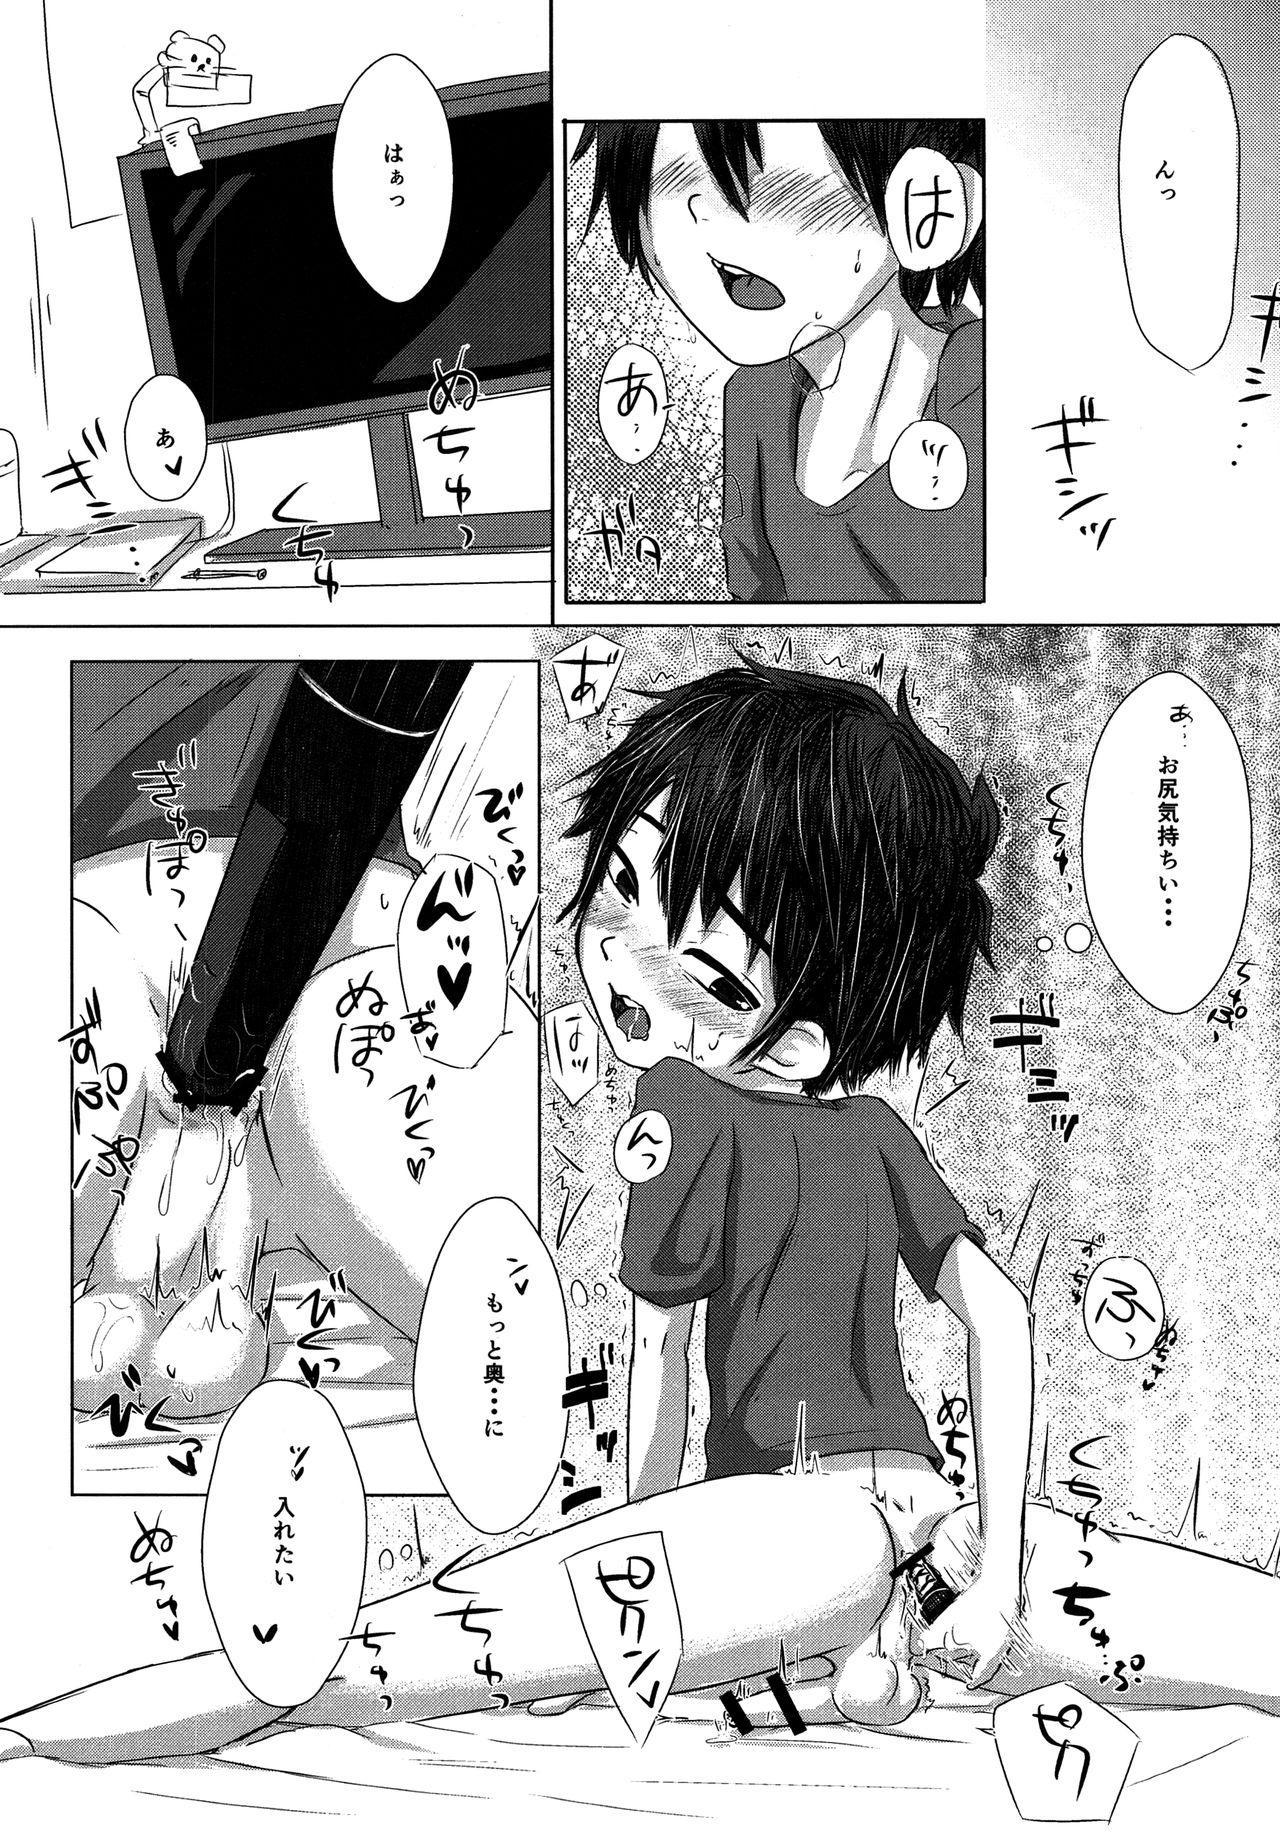 Hitori De Dekiru Mon 2